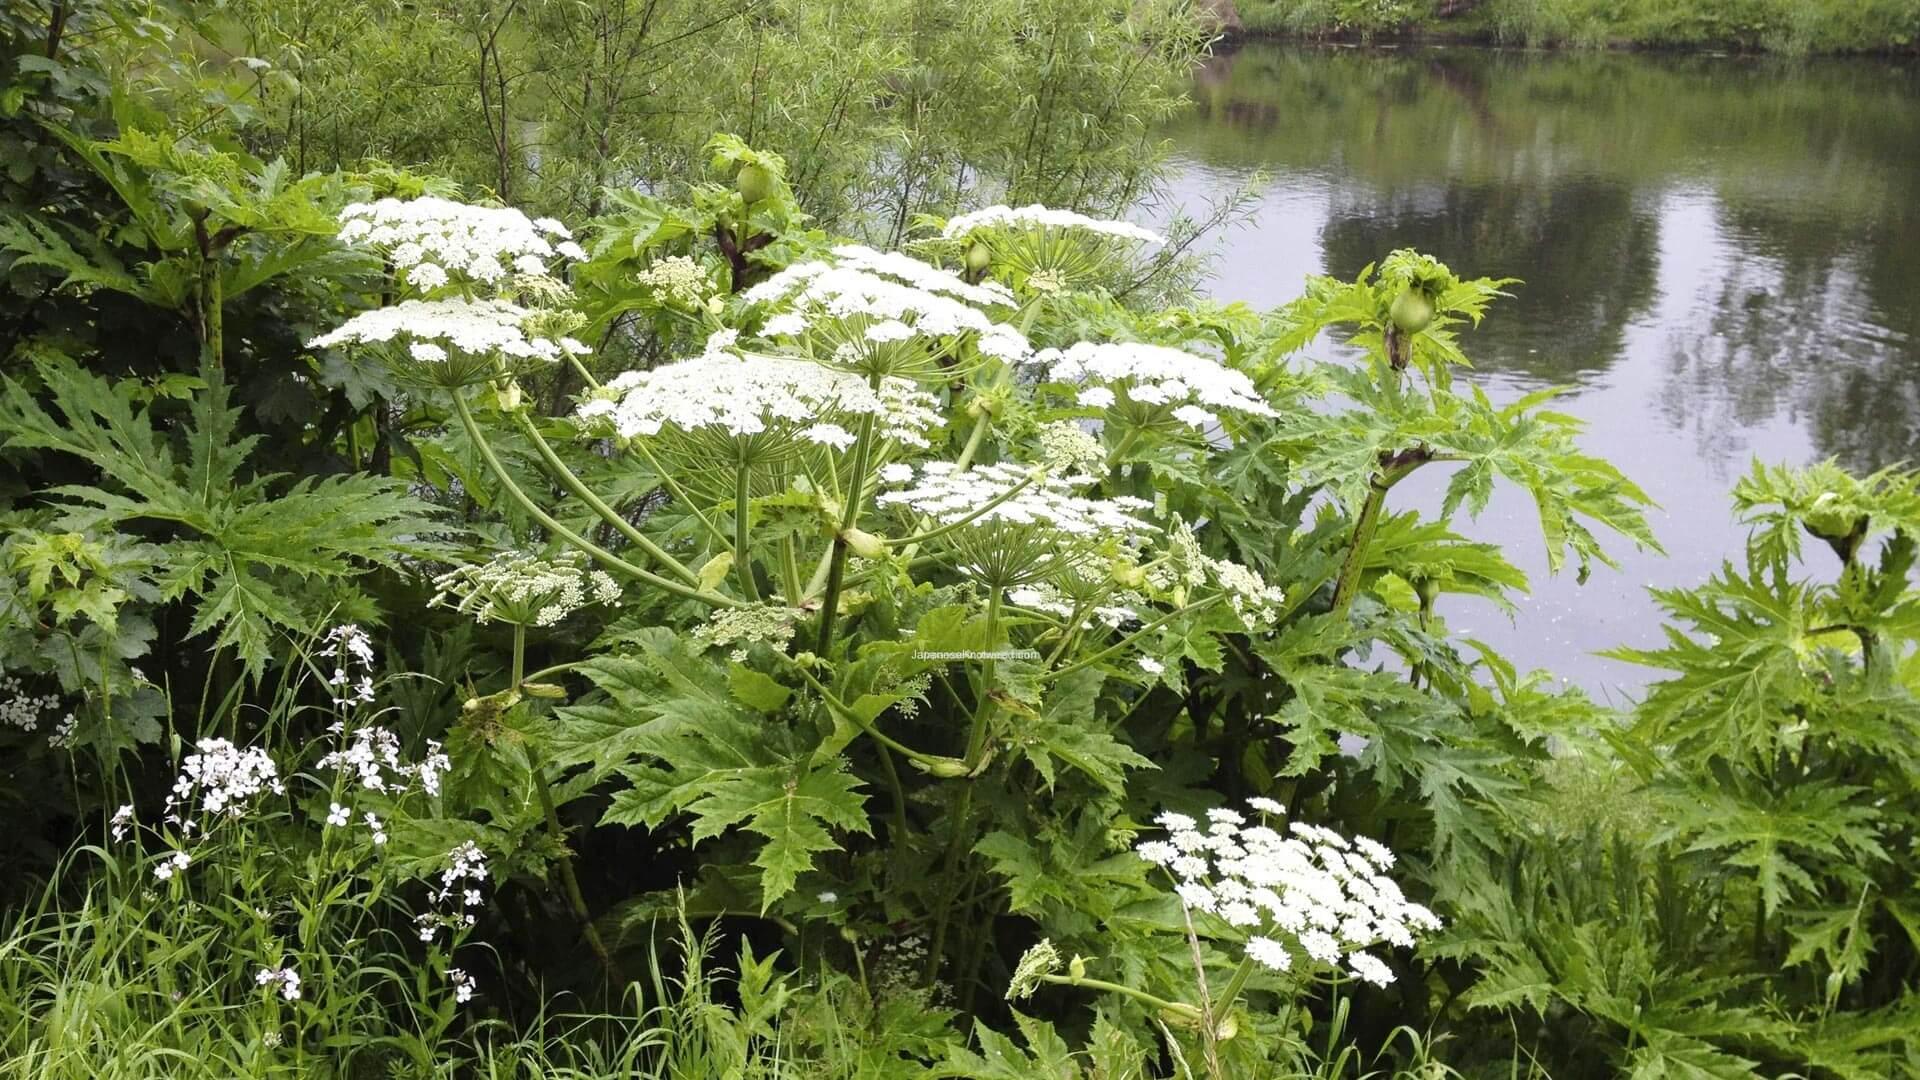 Non native invasive plants